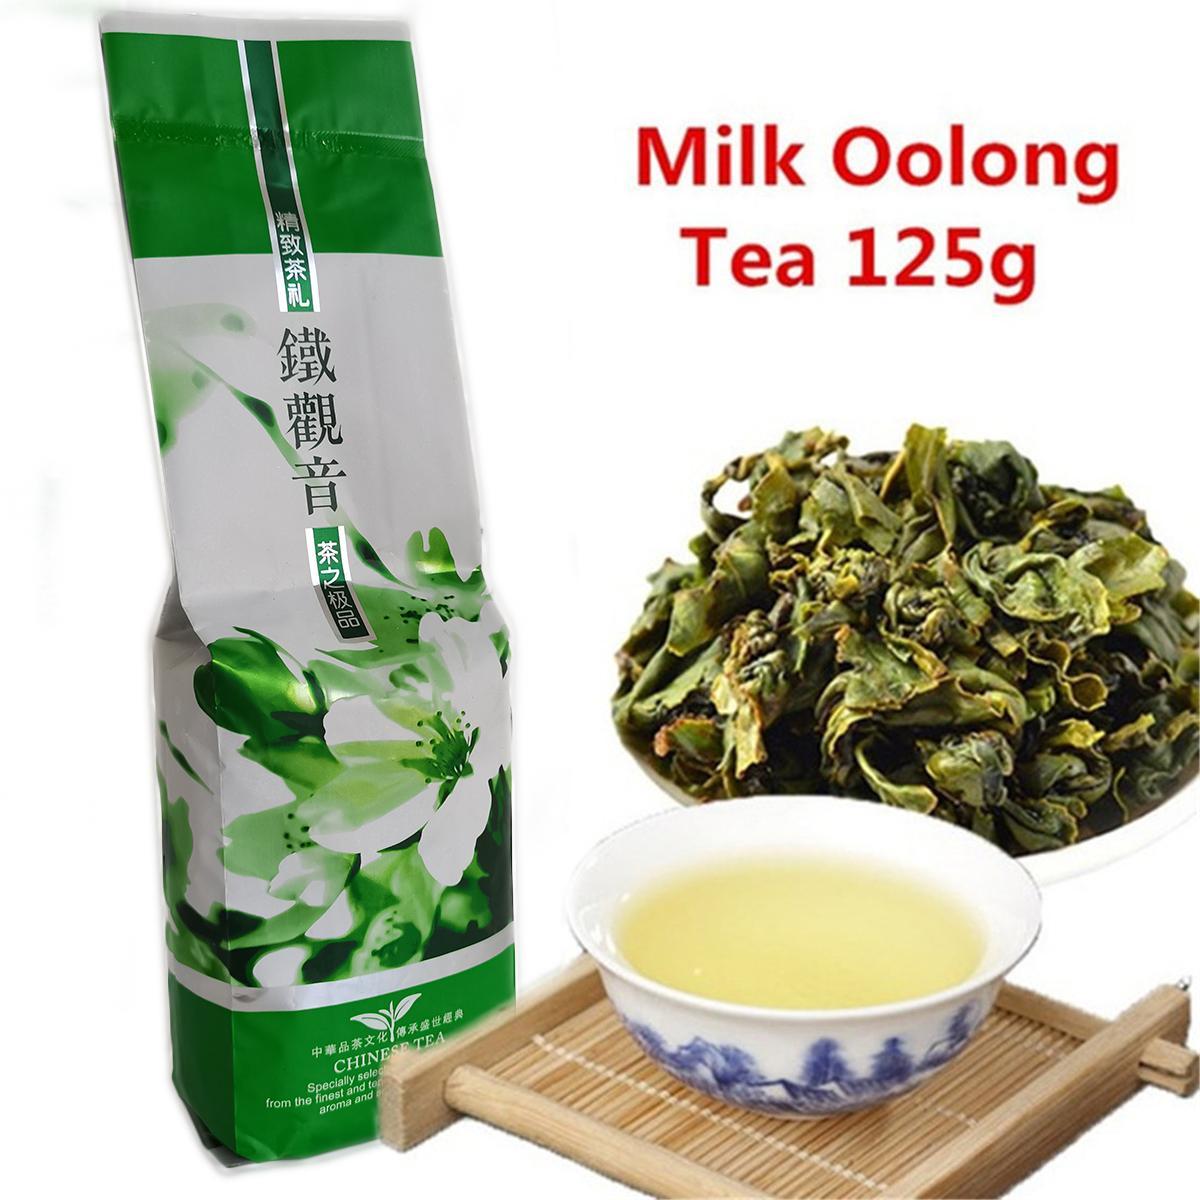 125G китайский органический улун чай из Тайваня высокое качество молока улун зеленый чай новый весенний чай зеленый пищи Продвижение